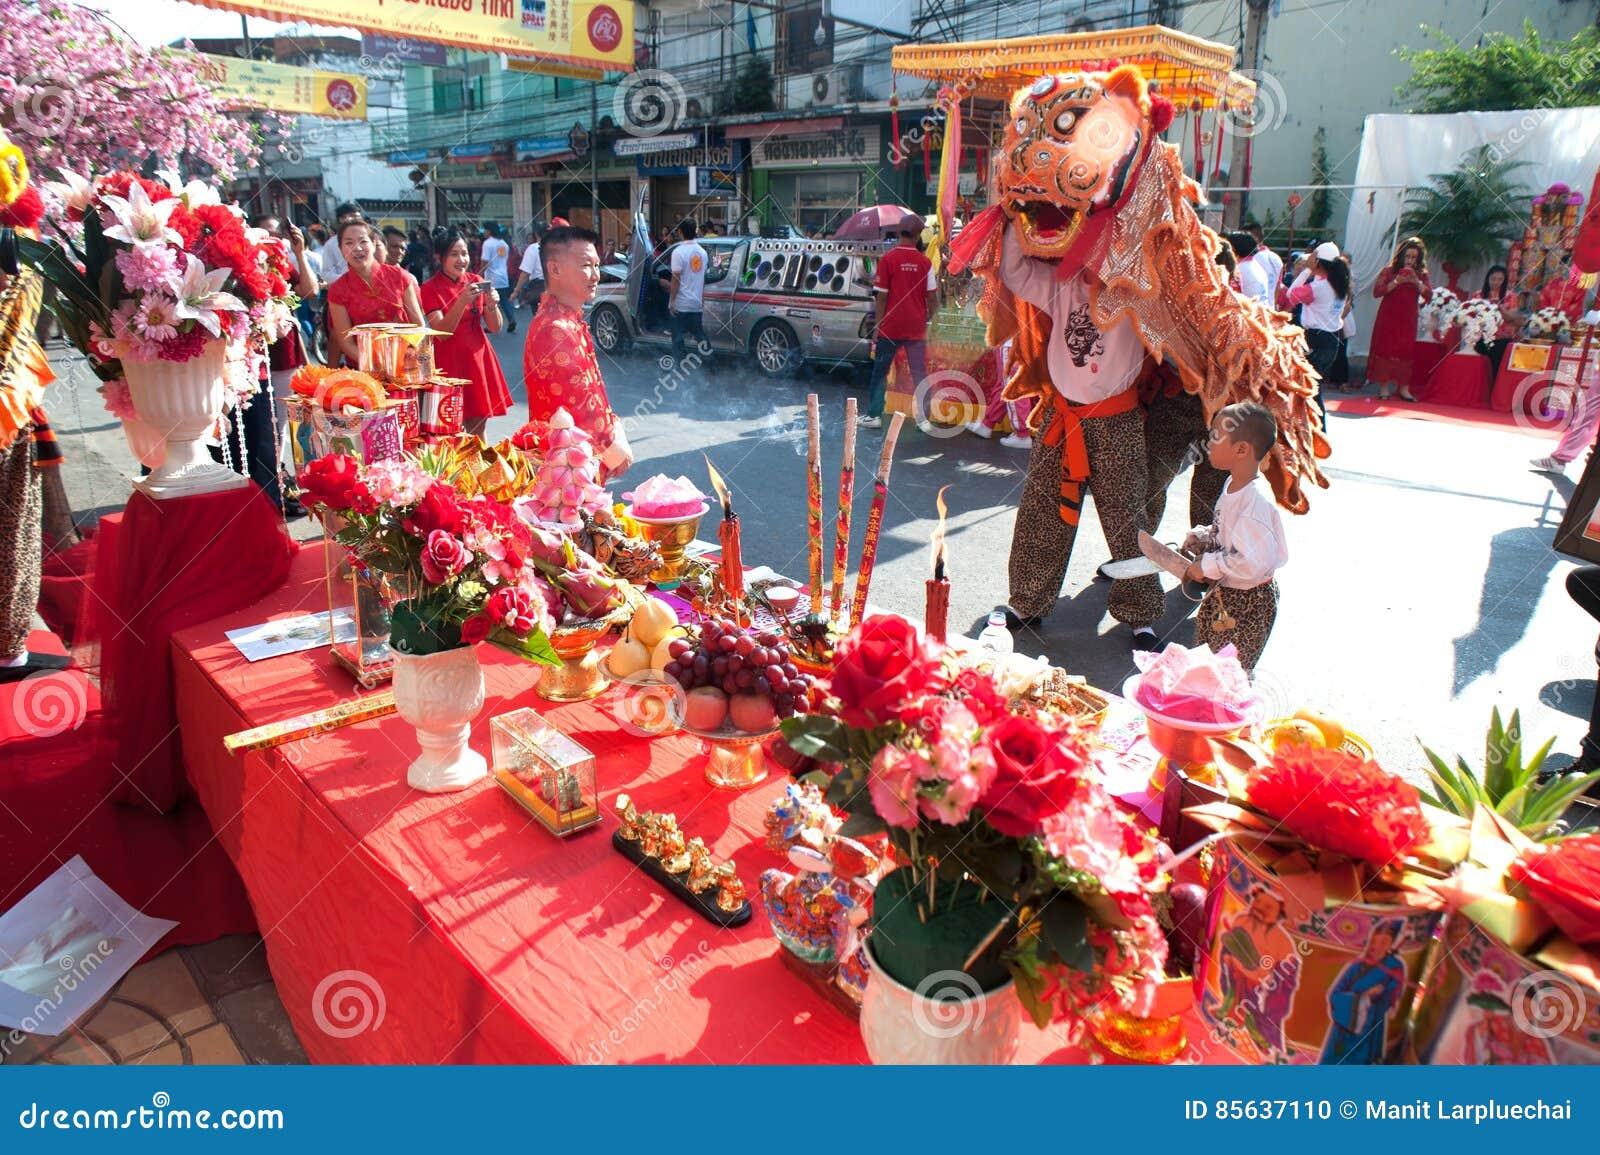 Leeuw dansende uitvoerders tijdens thr viering, van Chinees Nieuwjaar